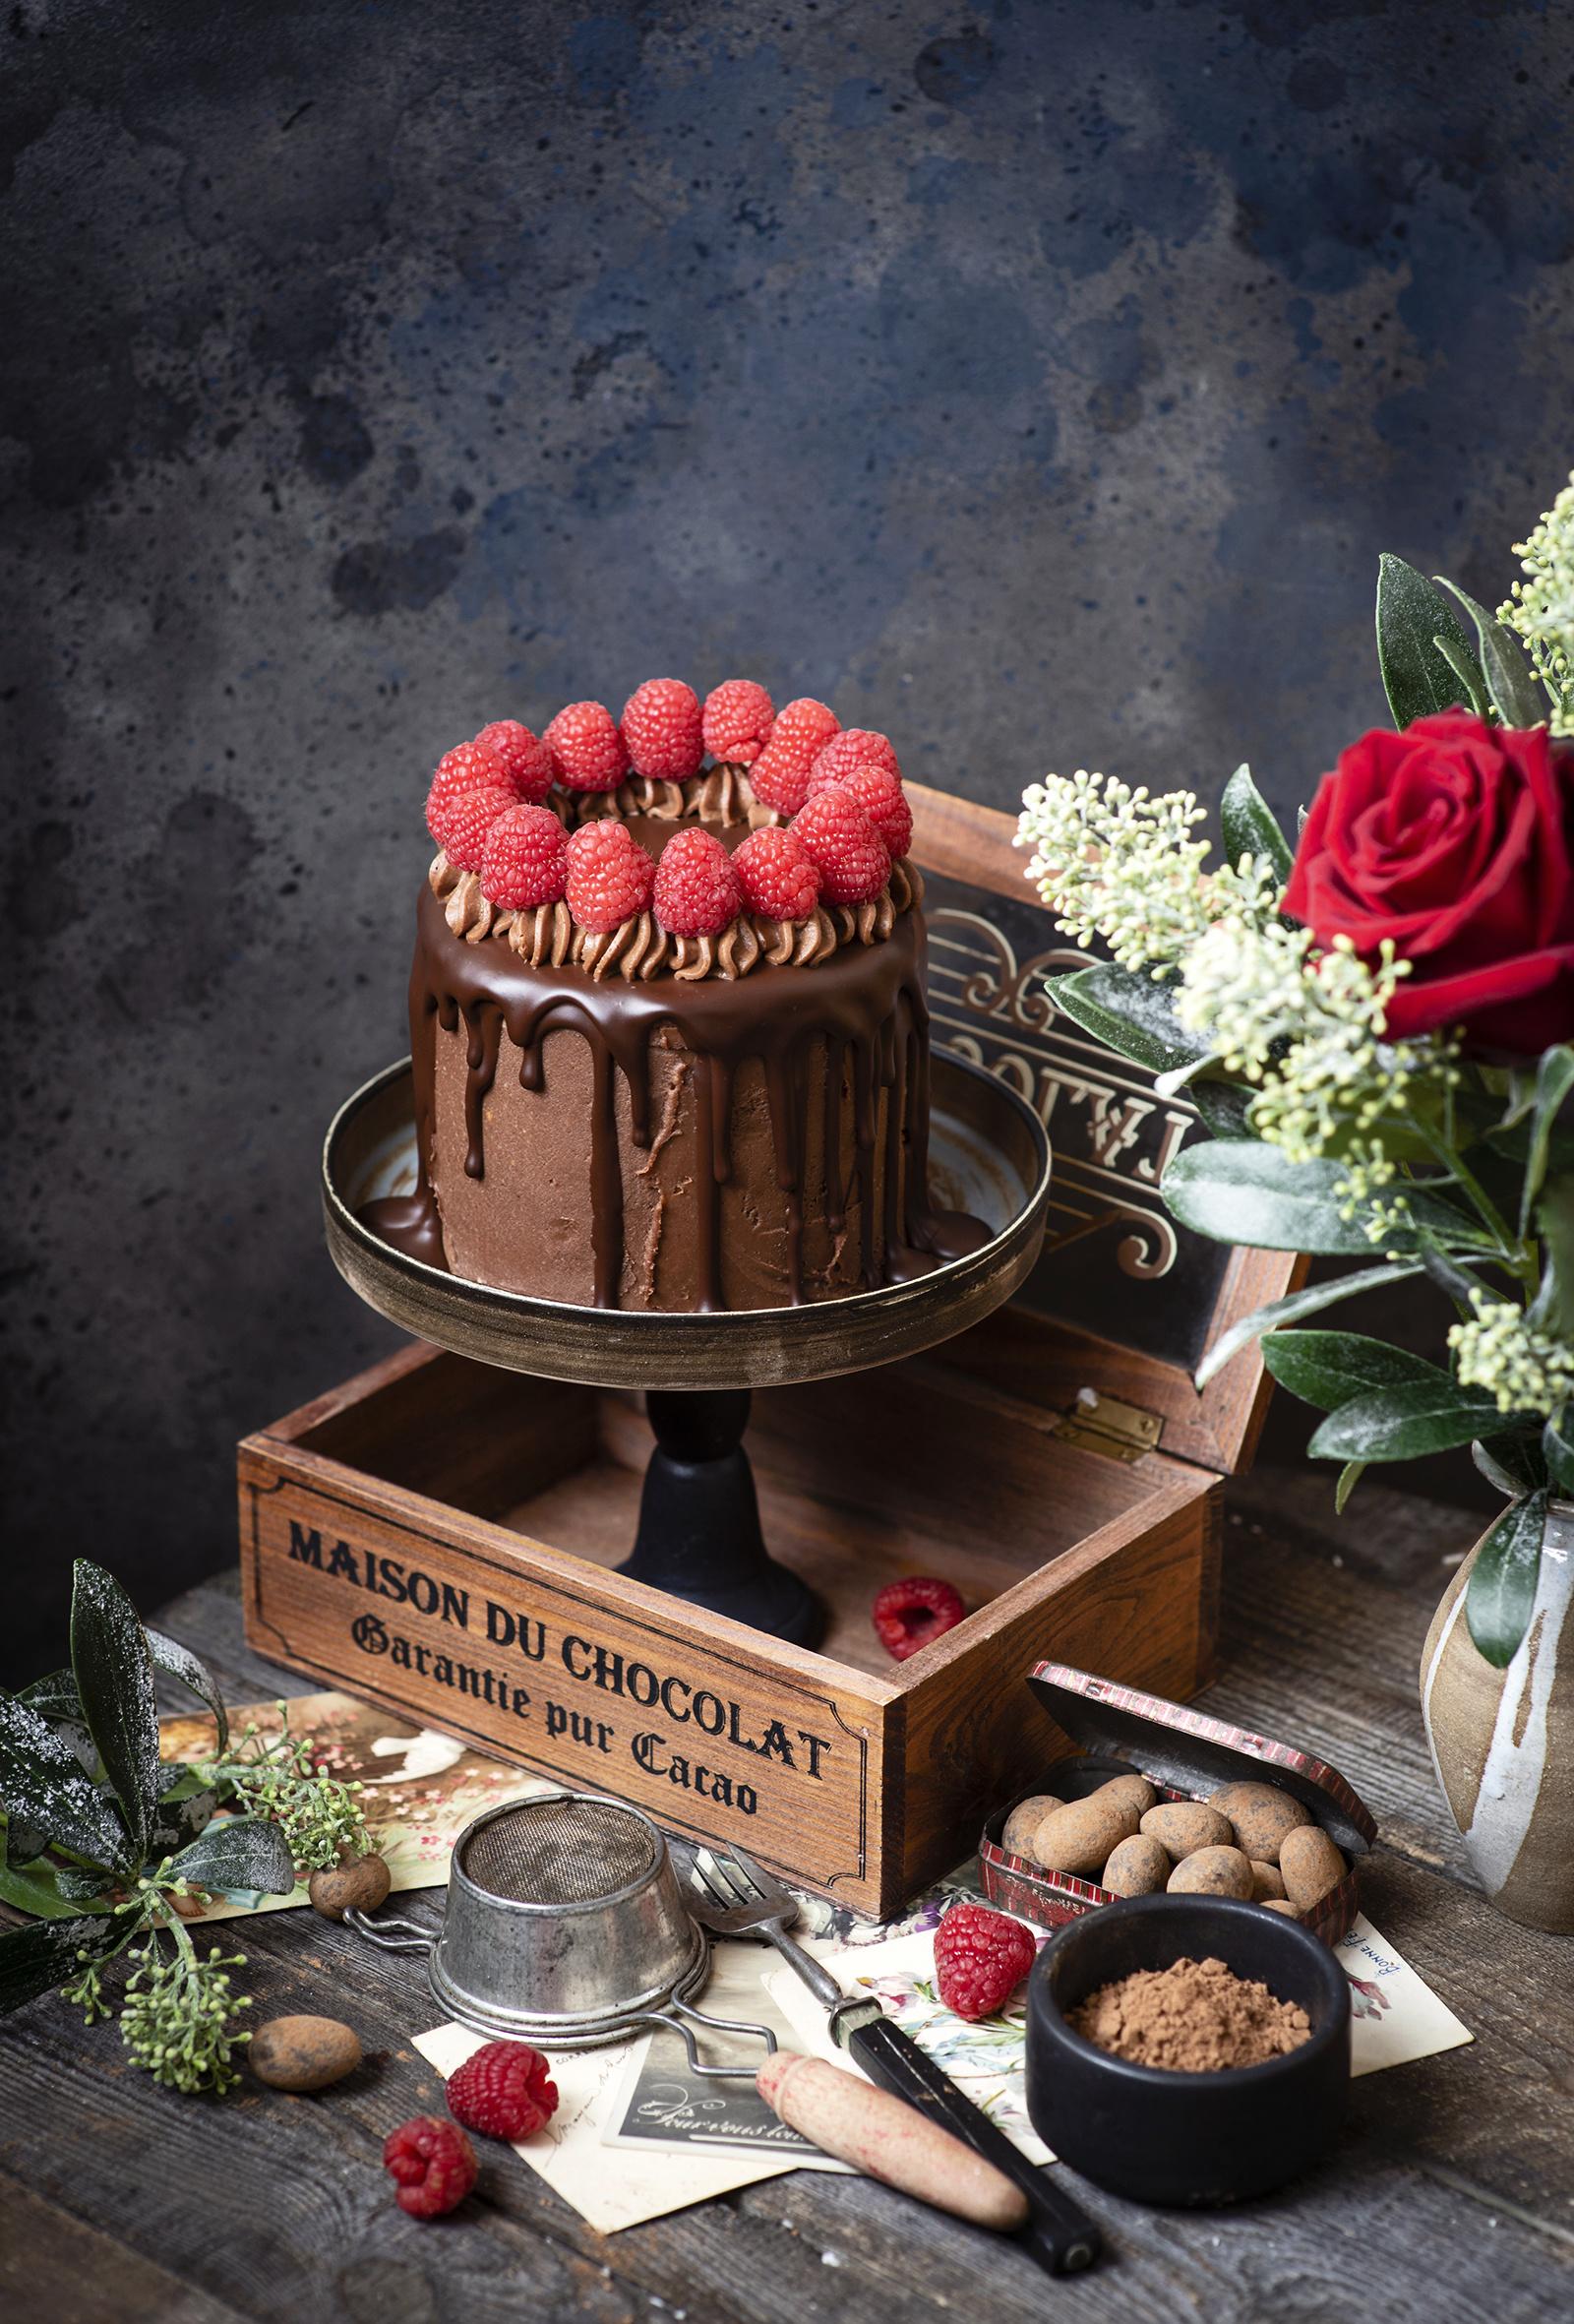 壁紙 ケーキ チョコレート ラズベリー デザイン ココアパウダー